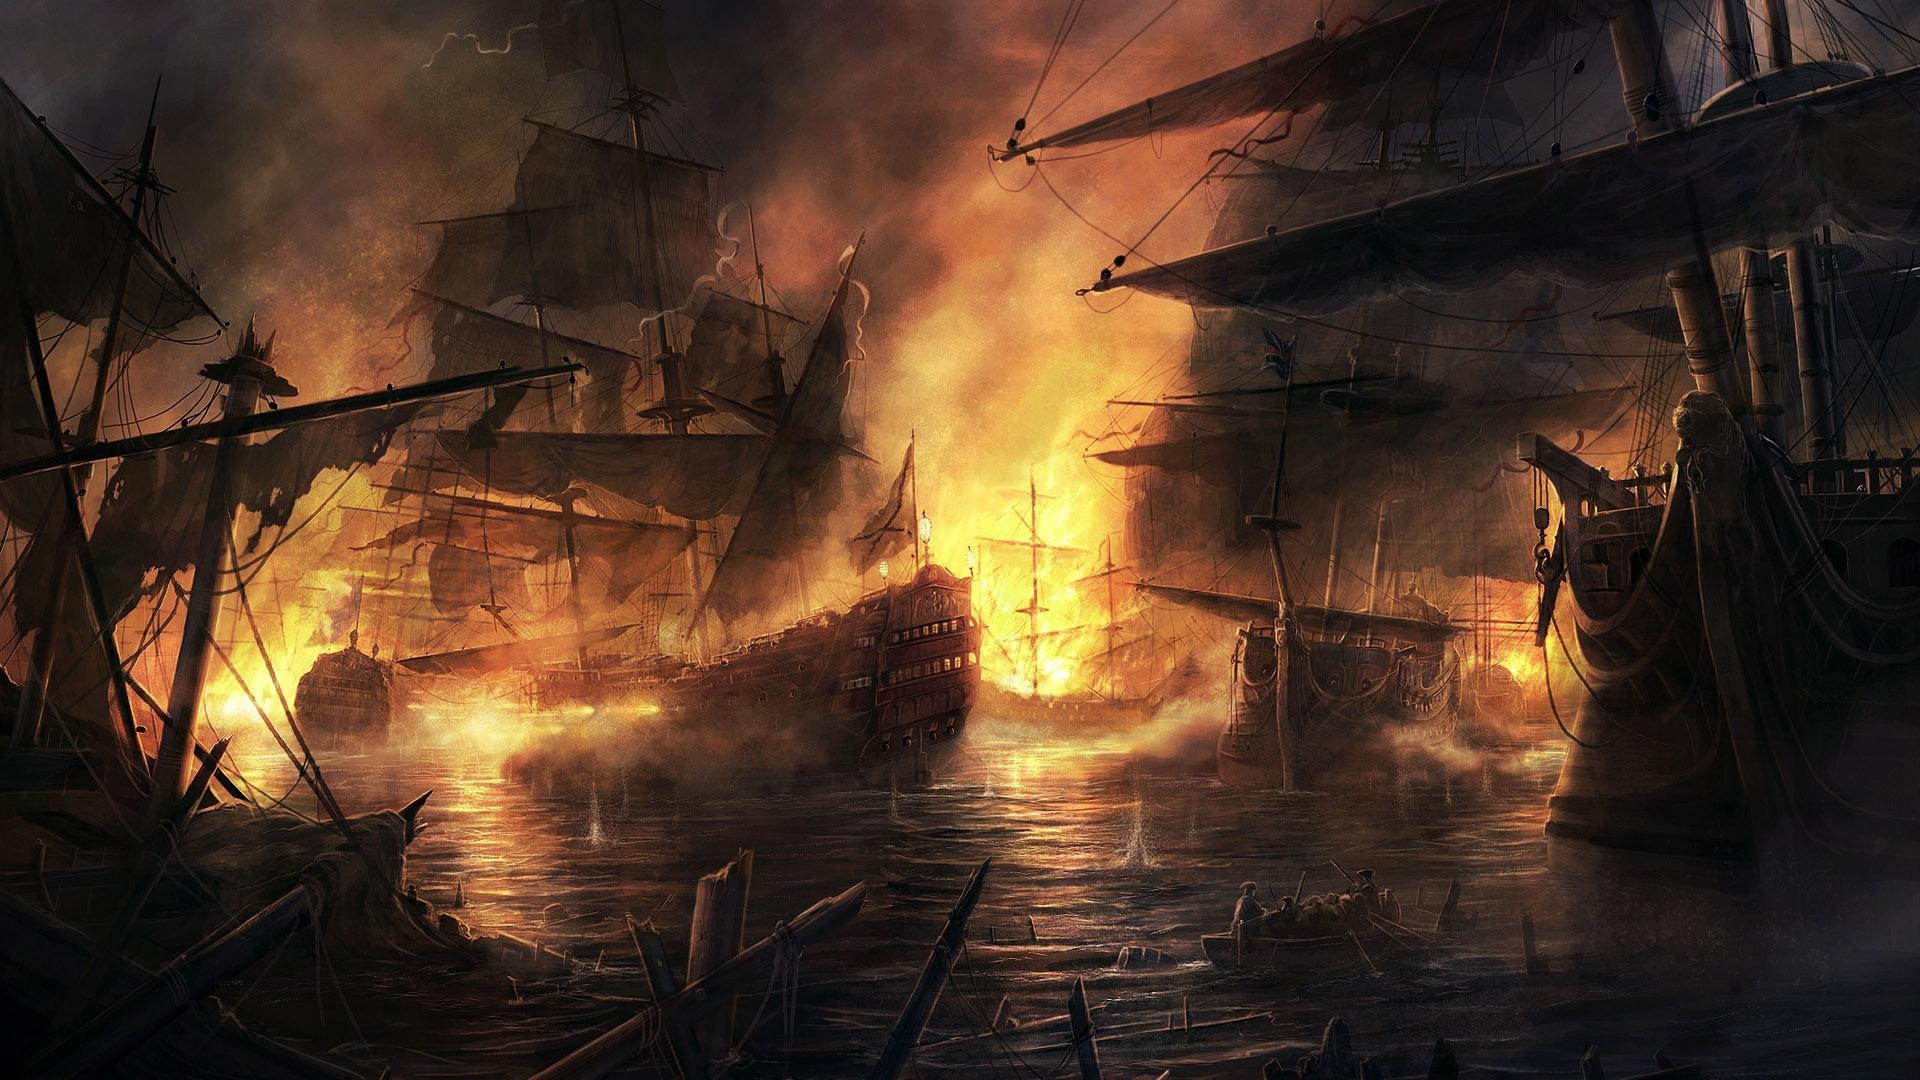 59 скачать обои Вода, Фэнтези, Арт, Корабли, Море, Огонь - заставки и картинки бесплатно